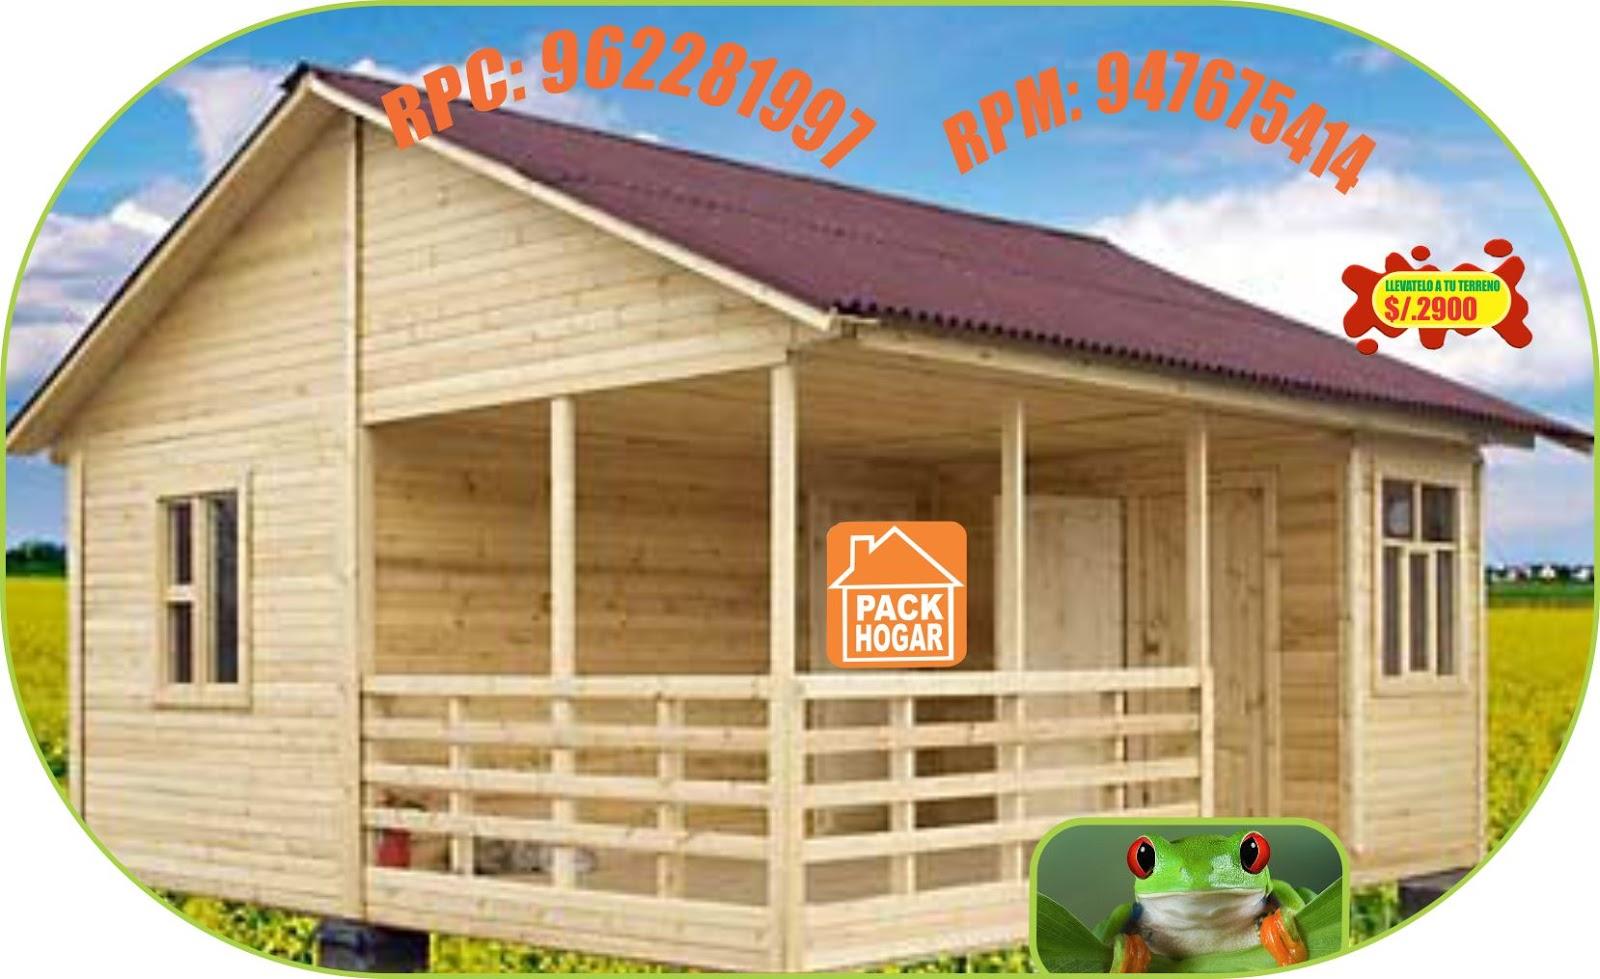 Lima provincias chapa tu casa prefabricadas barato for Casas prefabricadas modernas precios